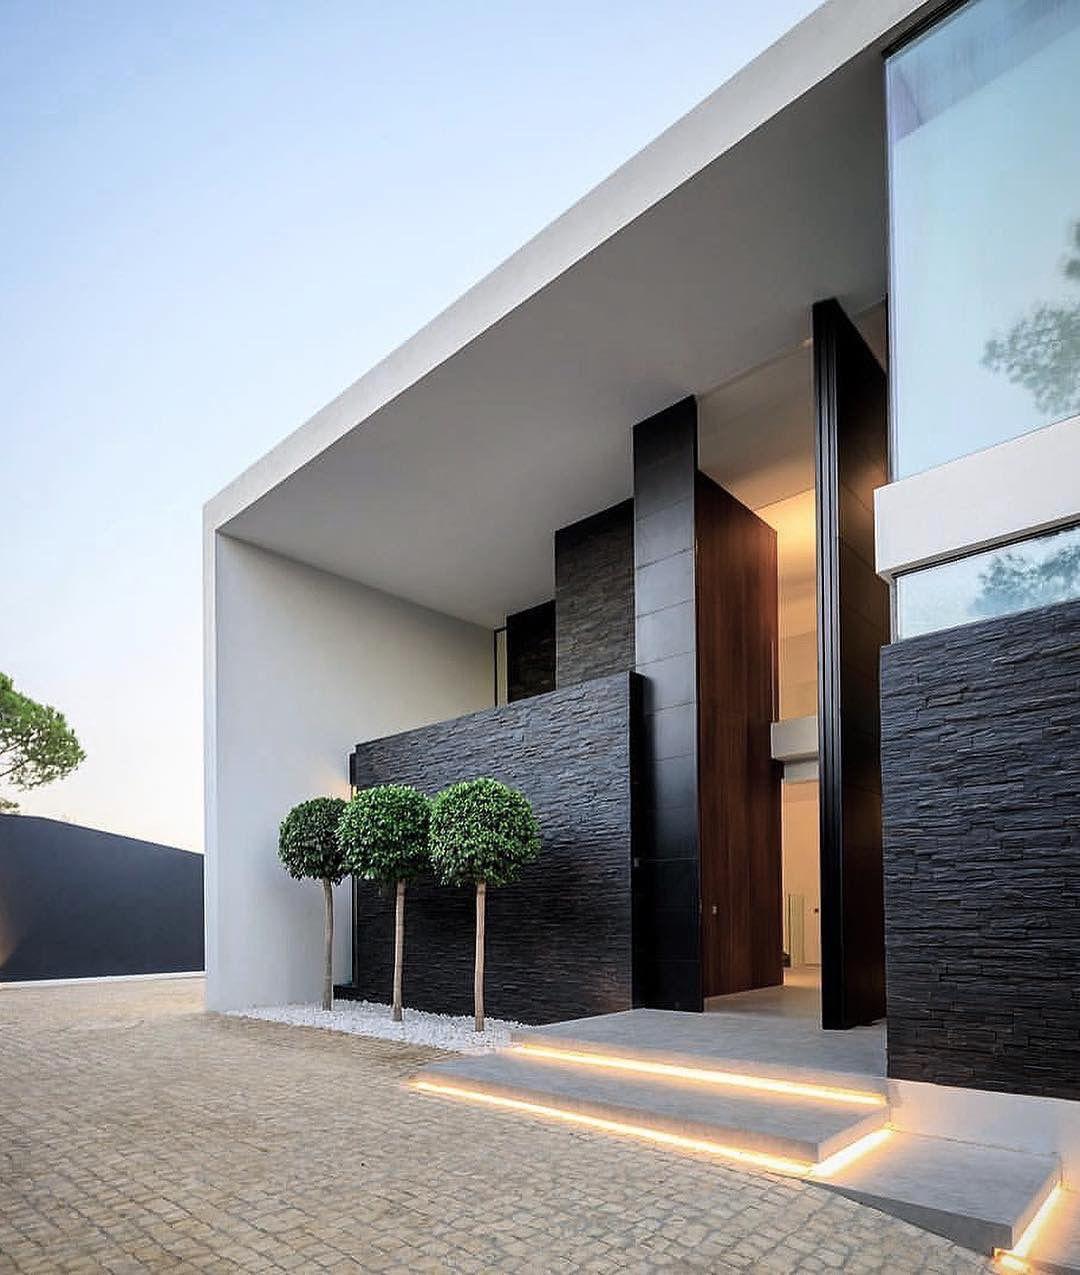 Pin Von Garry Auf Interior Decoration Architektur Haus Architektur Erstaunliche Architektur